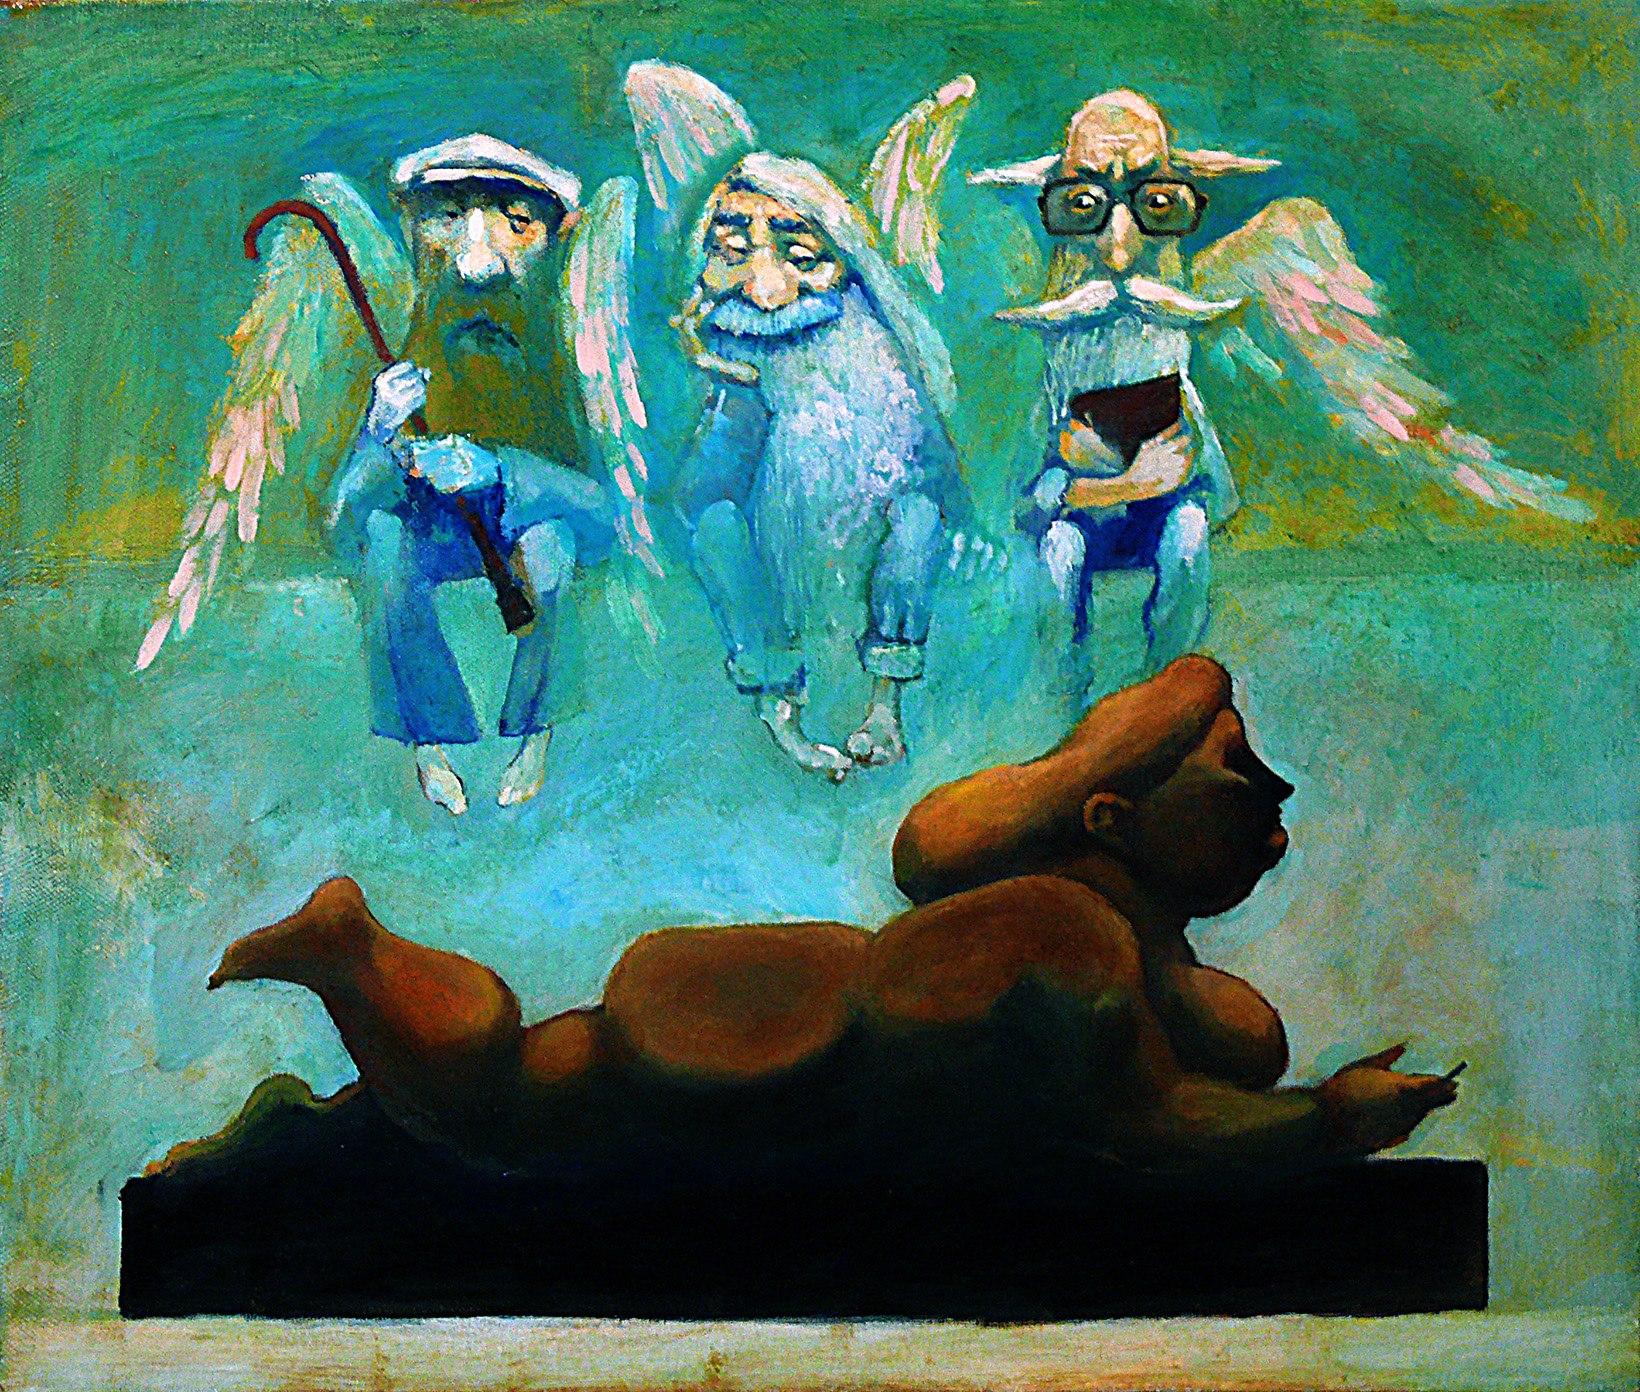 Каскад, ереванские архангелы и Ботеро, 2016